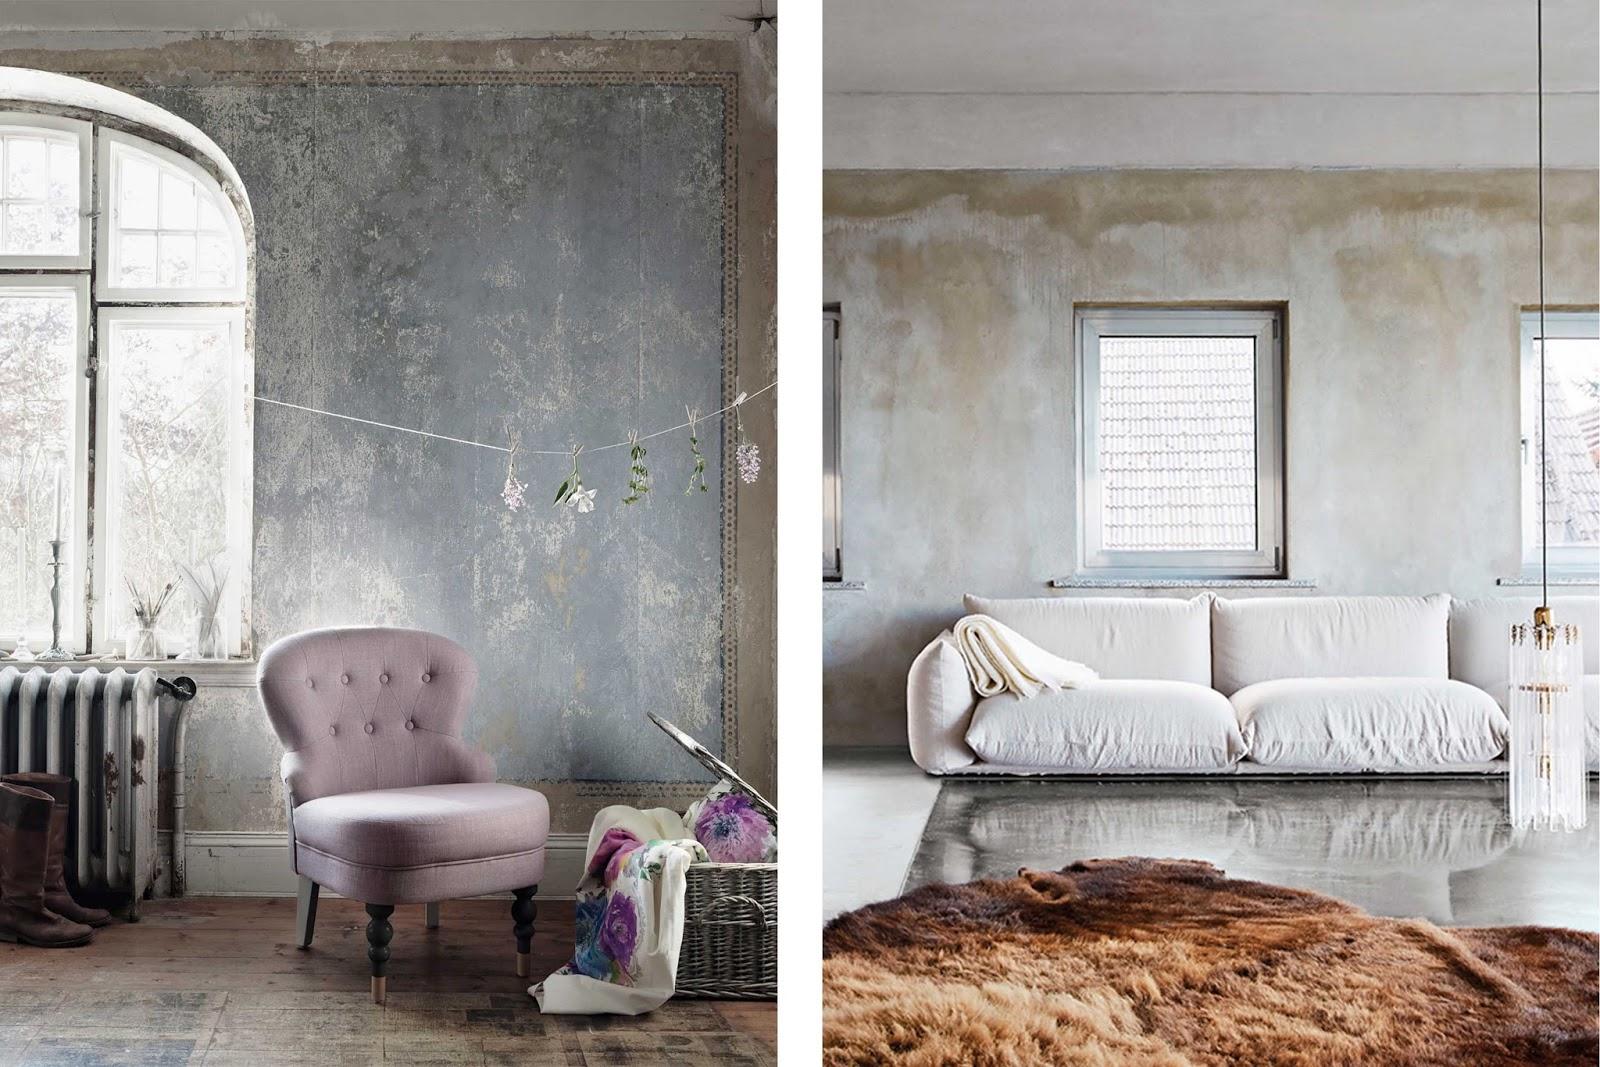 Pittura parete elegant pittura per interni bello questo bagno le cui pareti sono state trattate - Idee pittura pareti ...